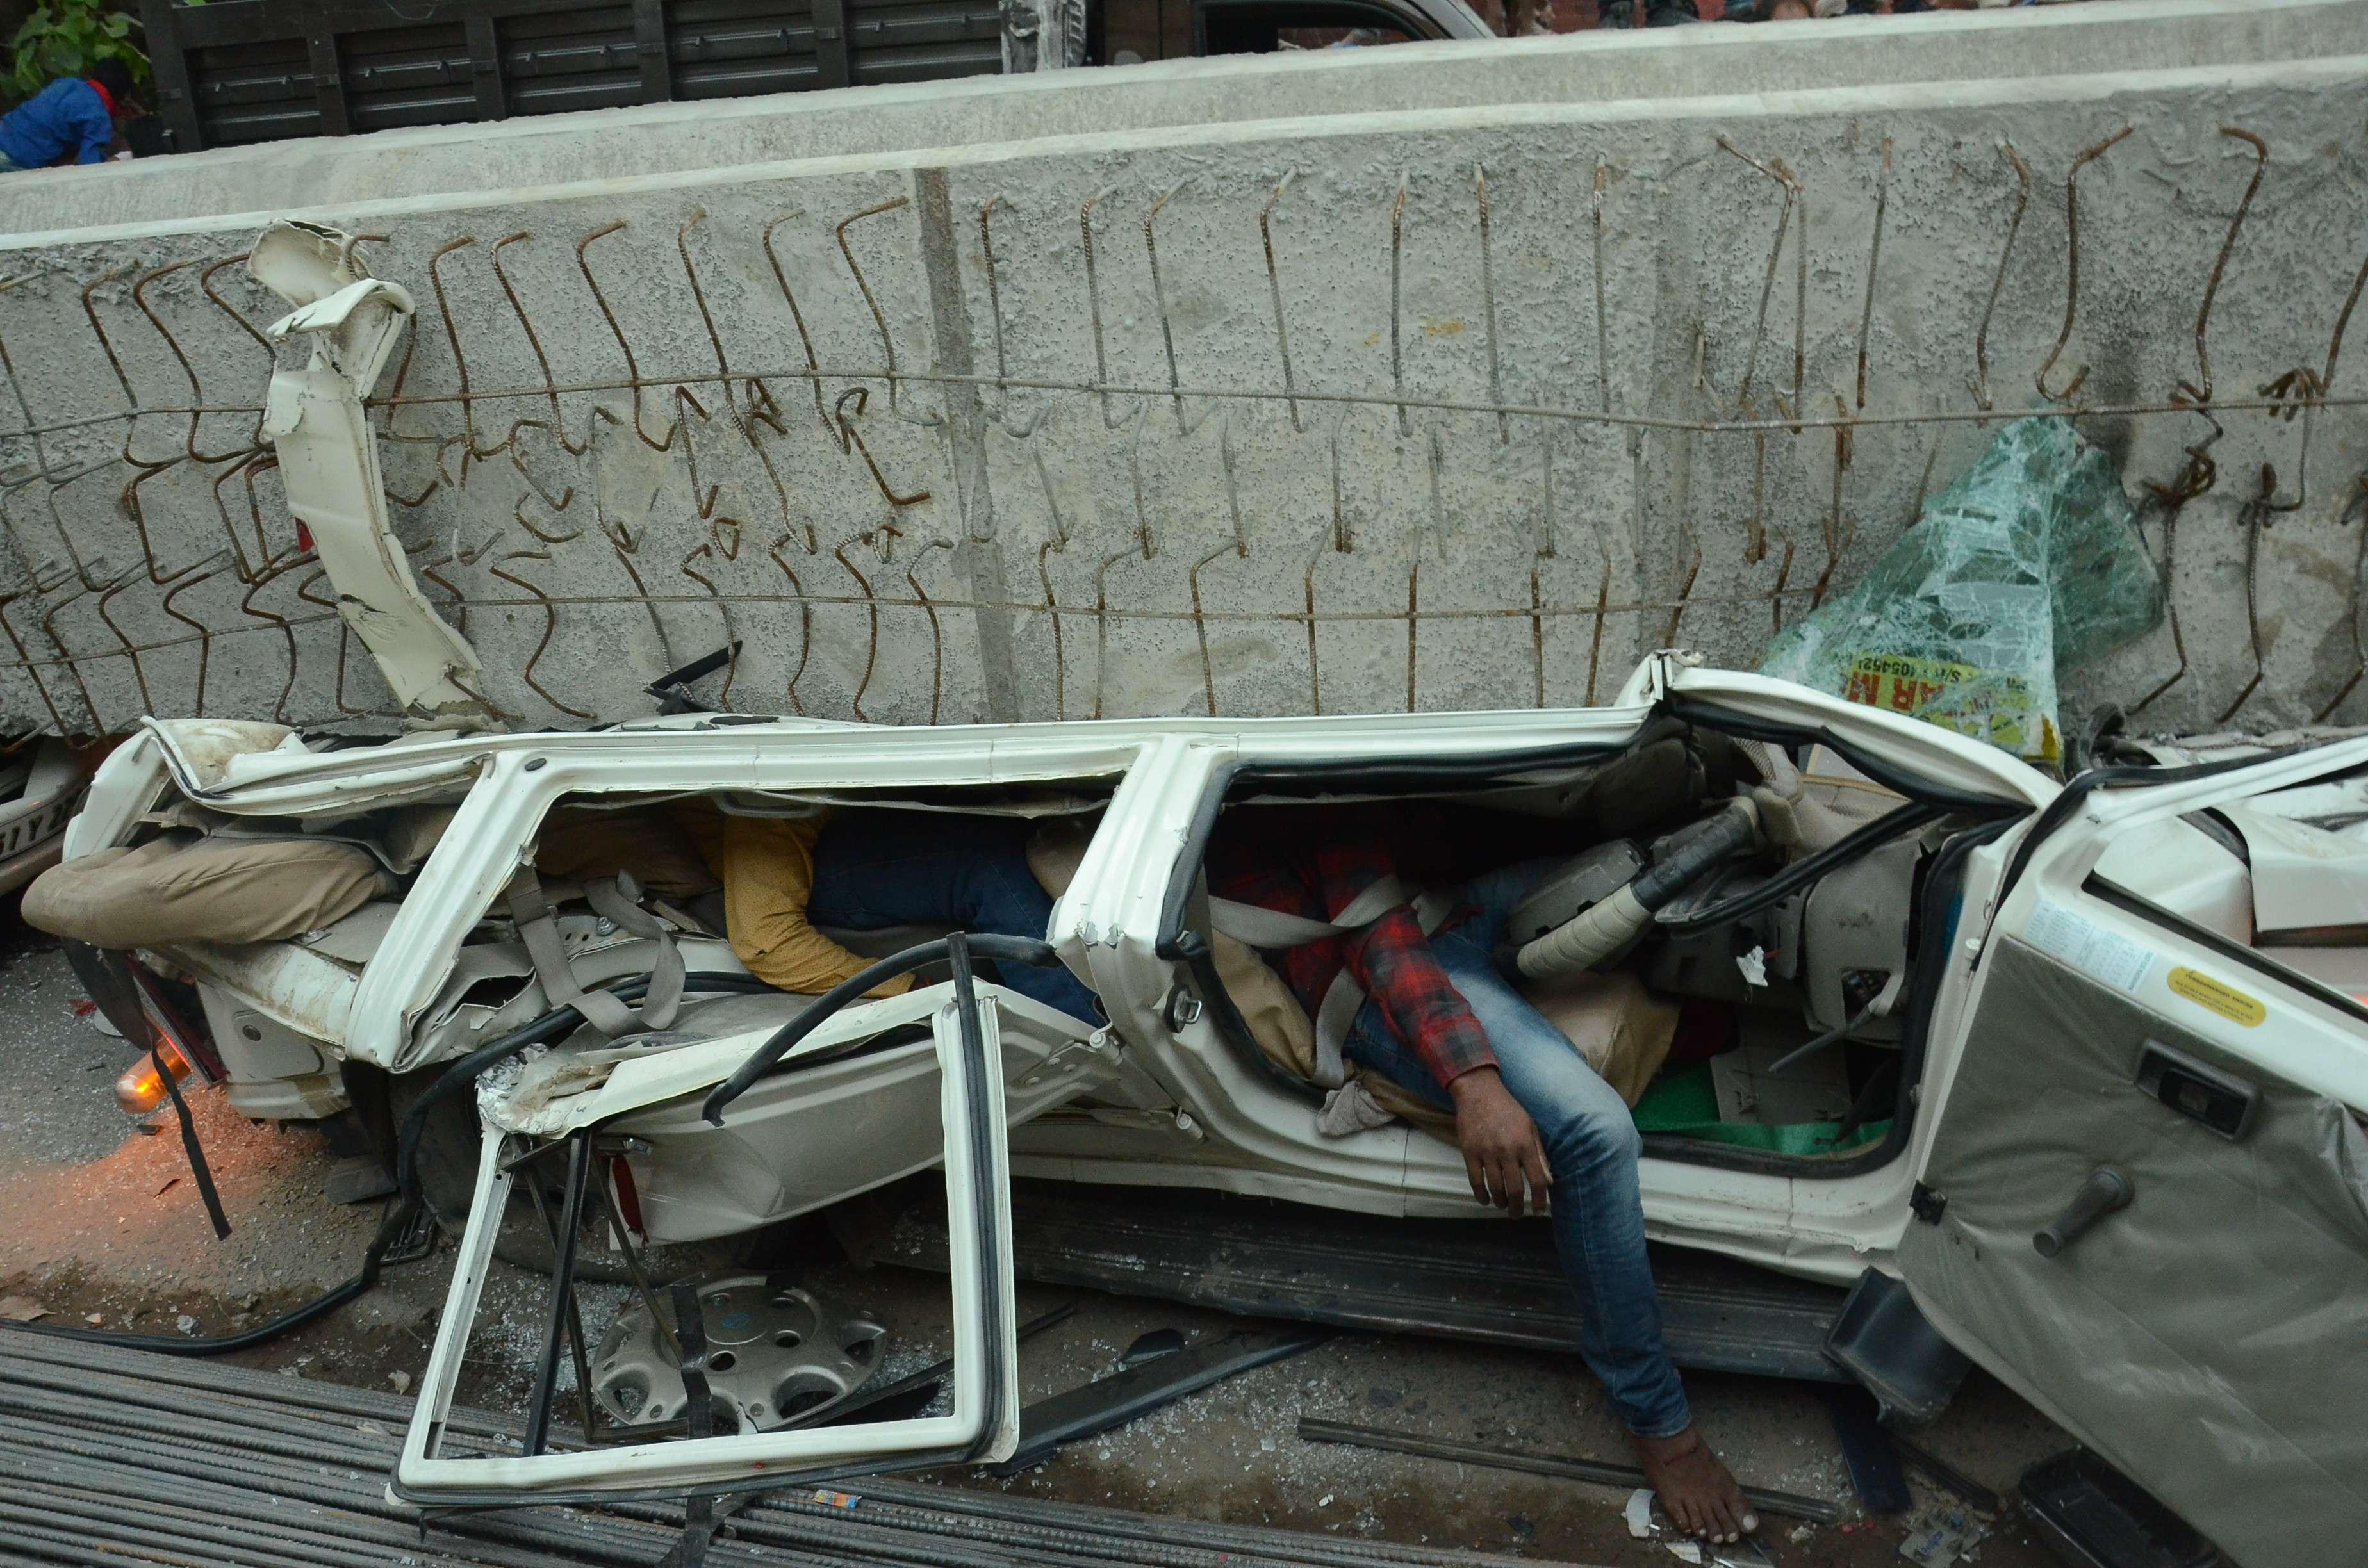 बनारस में 15 मई को जो हुआ वह कोई दैवीय आपदा अथवा अचानक घटित कोई हादसा नहीं था। यह रक्तरंजित उदाहरण था तीन सरकारों के कामकाज का...